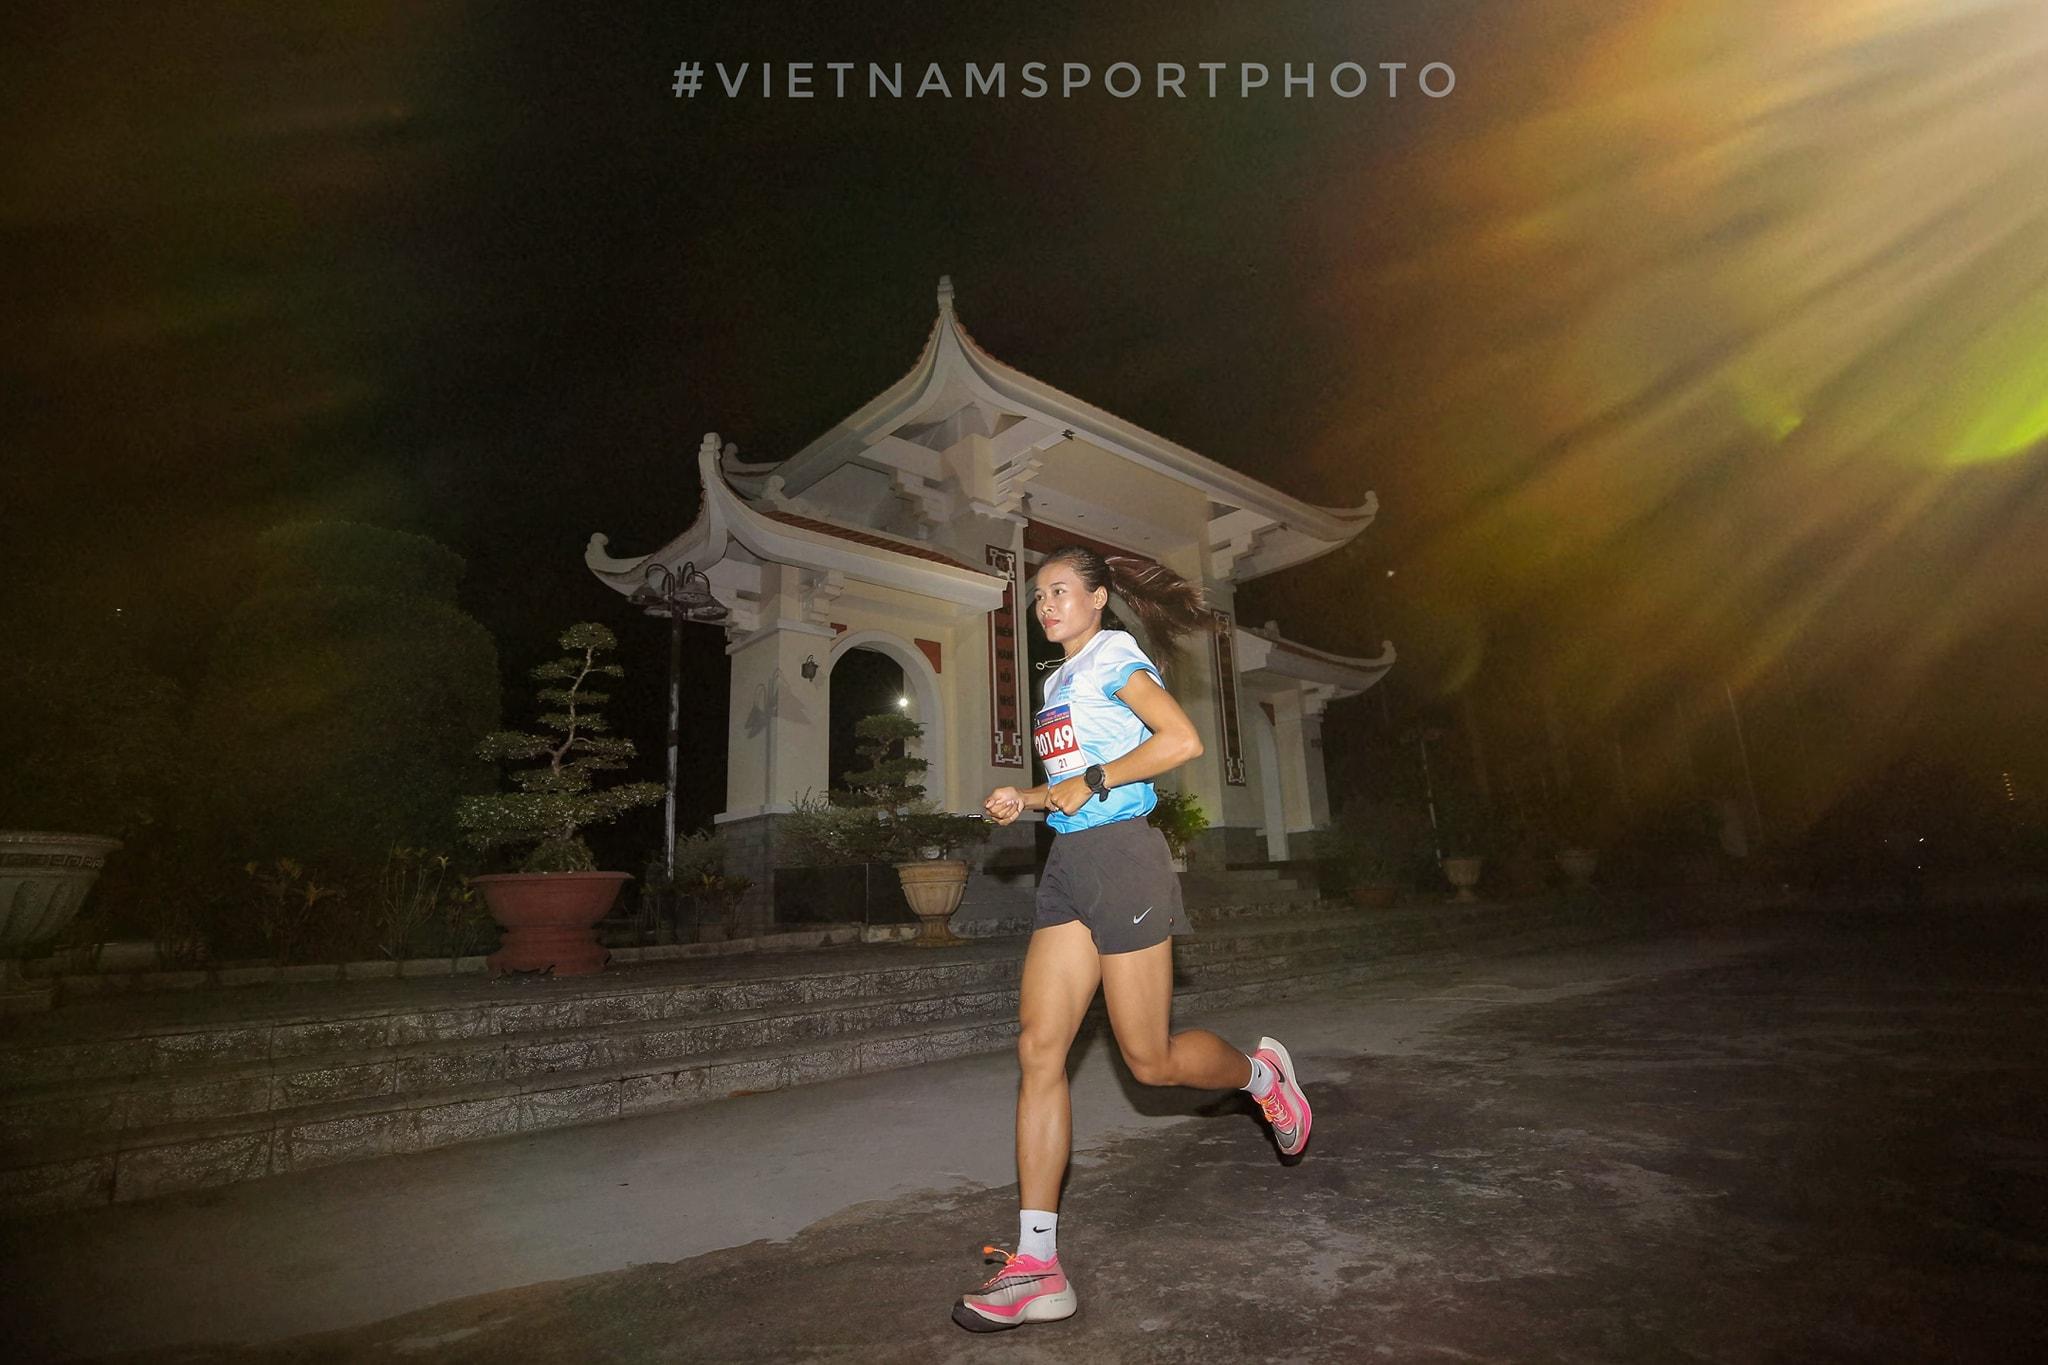 Nhiếp ảnh gia Khoa Trần và niềm đam mê với nghiệp ảnh thể thao